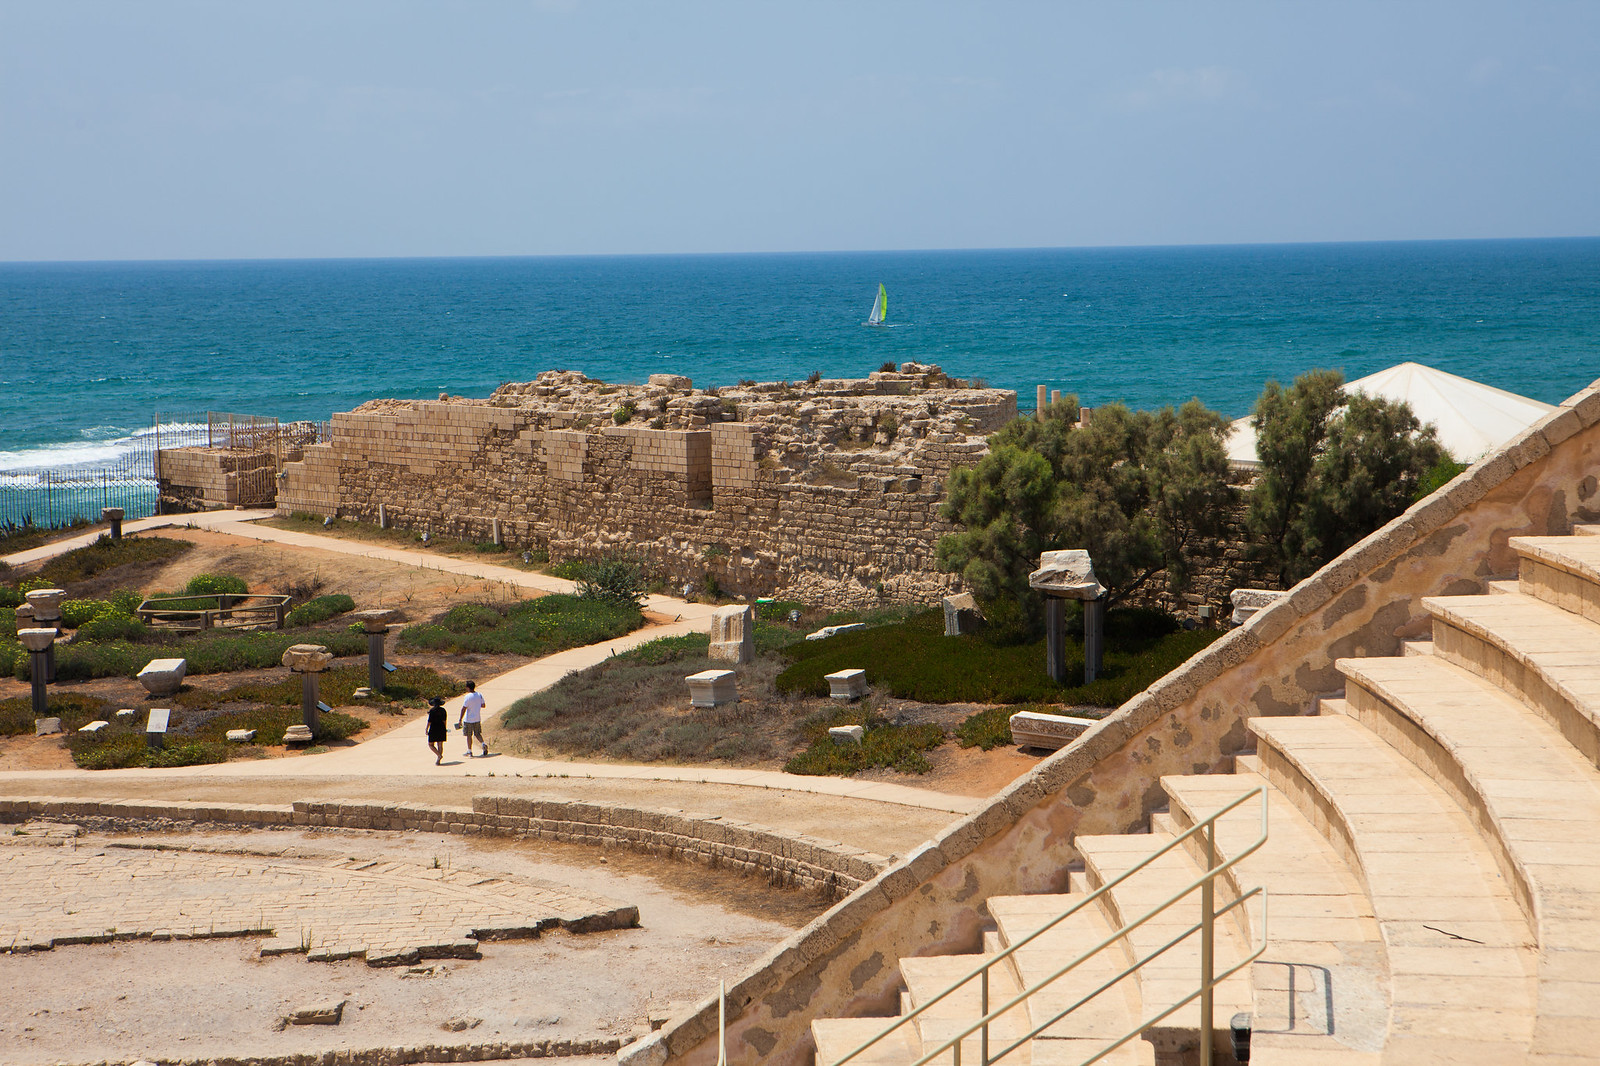 Caesarea amphitheater _ sea_Dana Friedlander_ IMOT